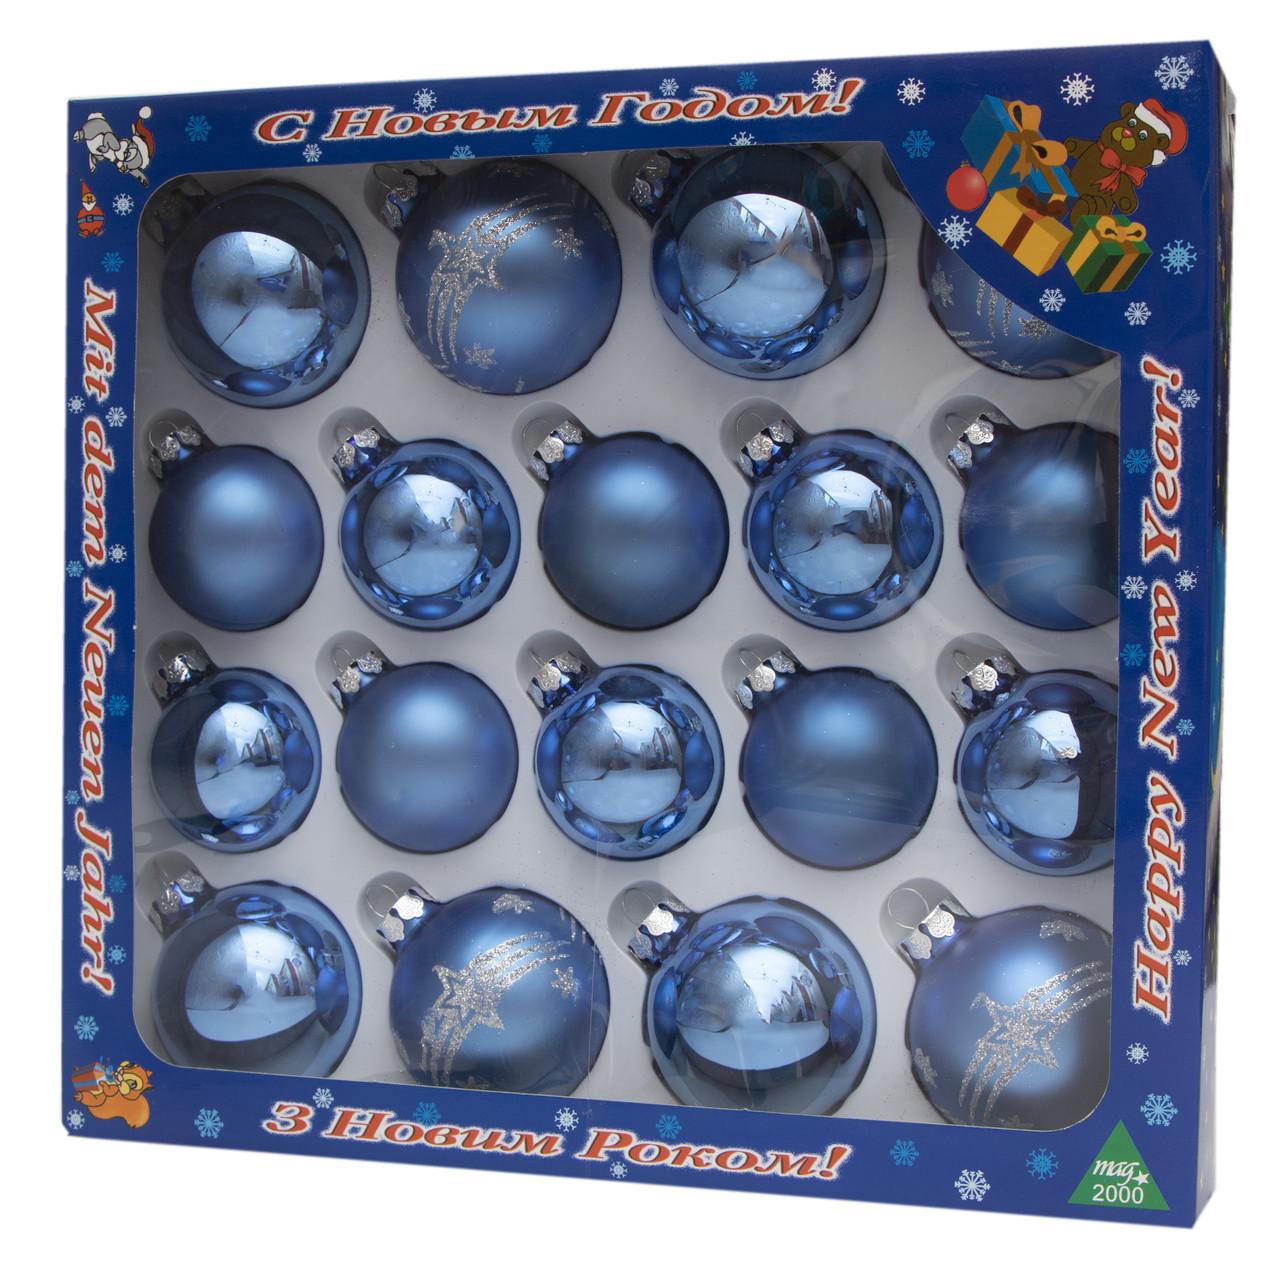 Набір ялинкових іграшок - кулі, 18 шт, D5-6 см, синій, мікс, в маленькі зірки, пластик (390274-9)